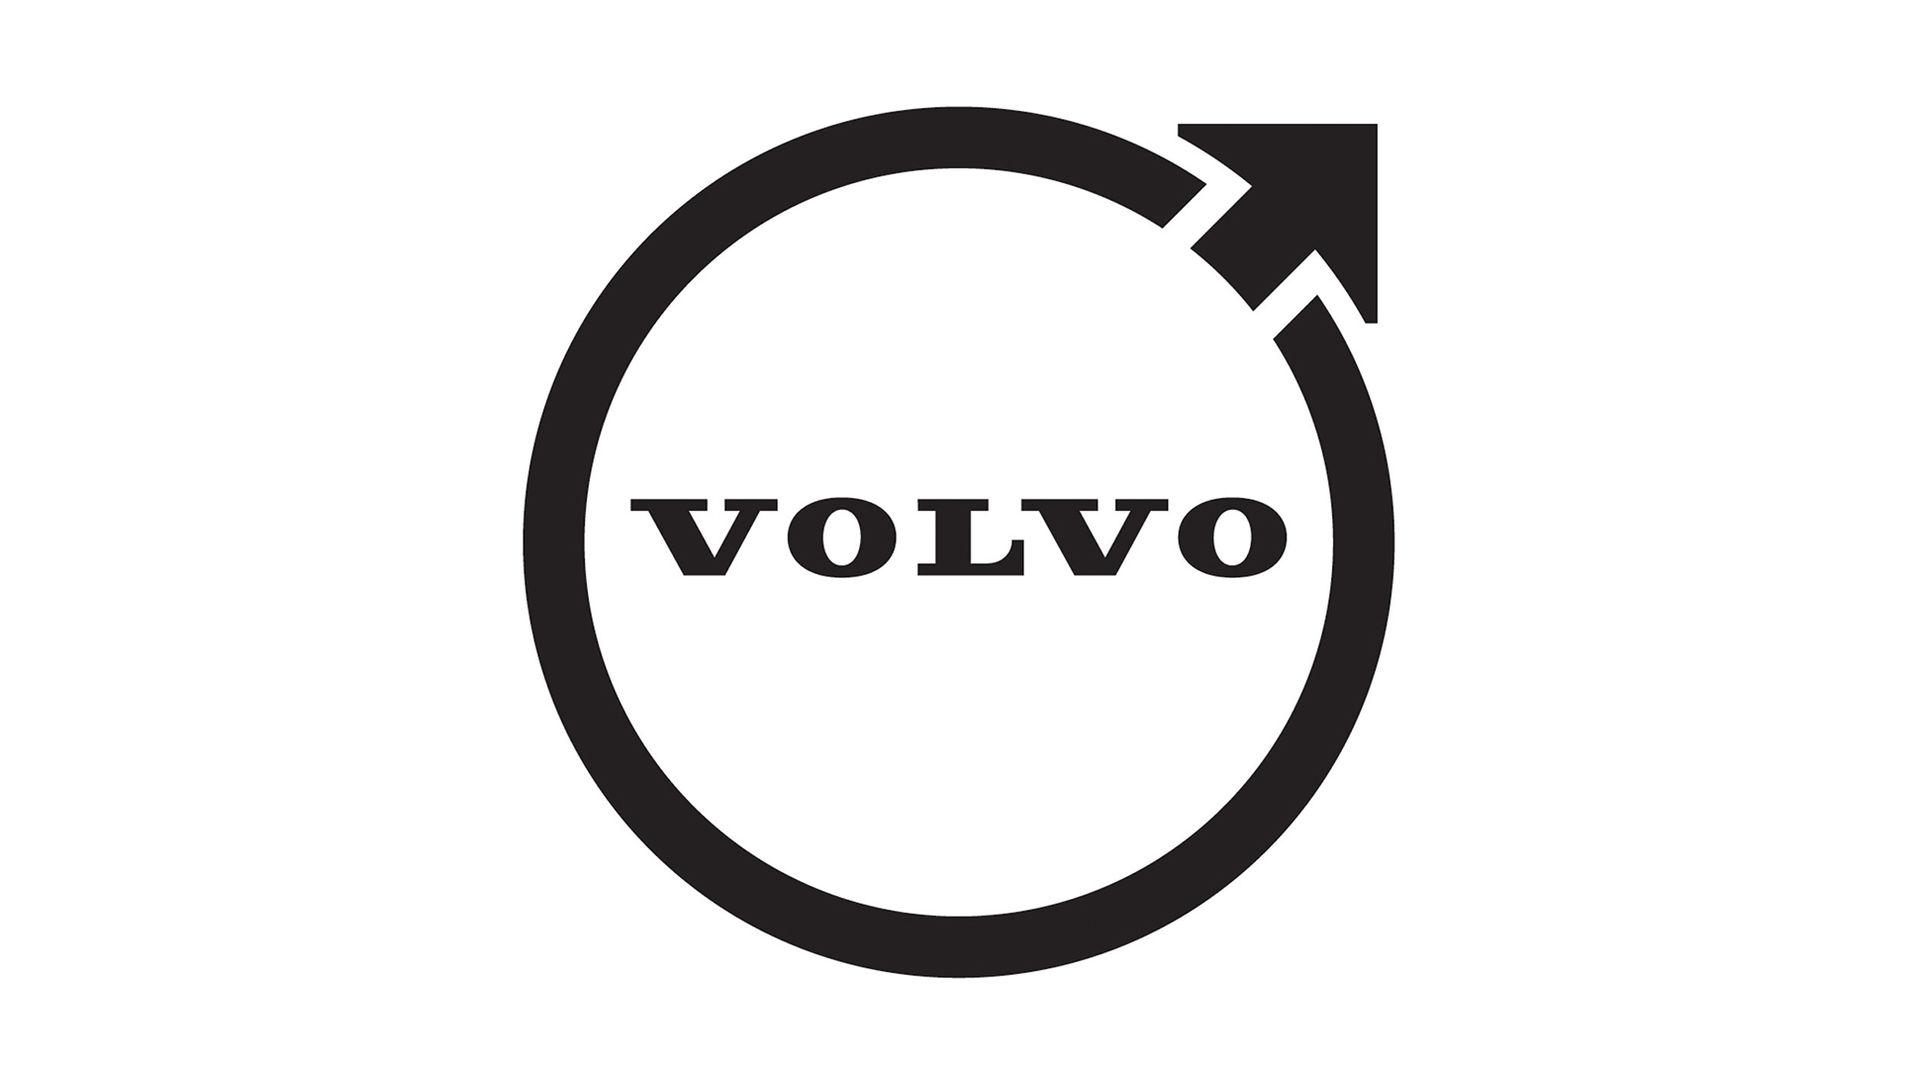 Ny logga för Volvo Cars och Volvo Group